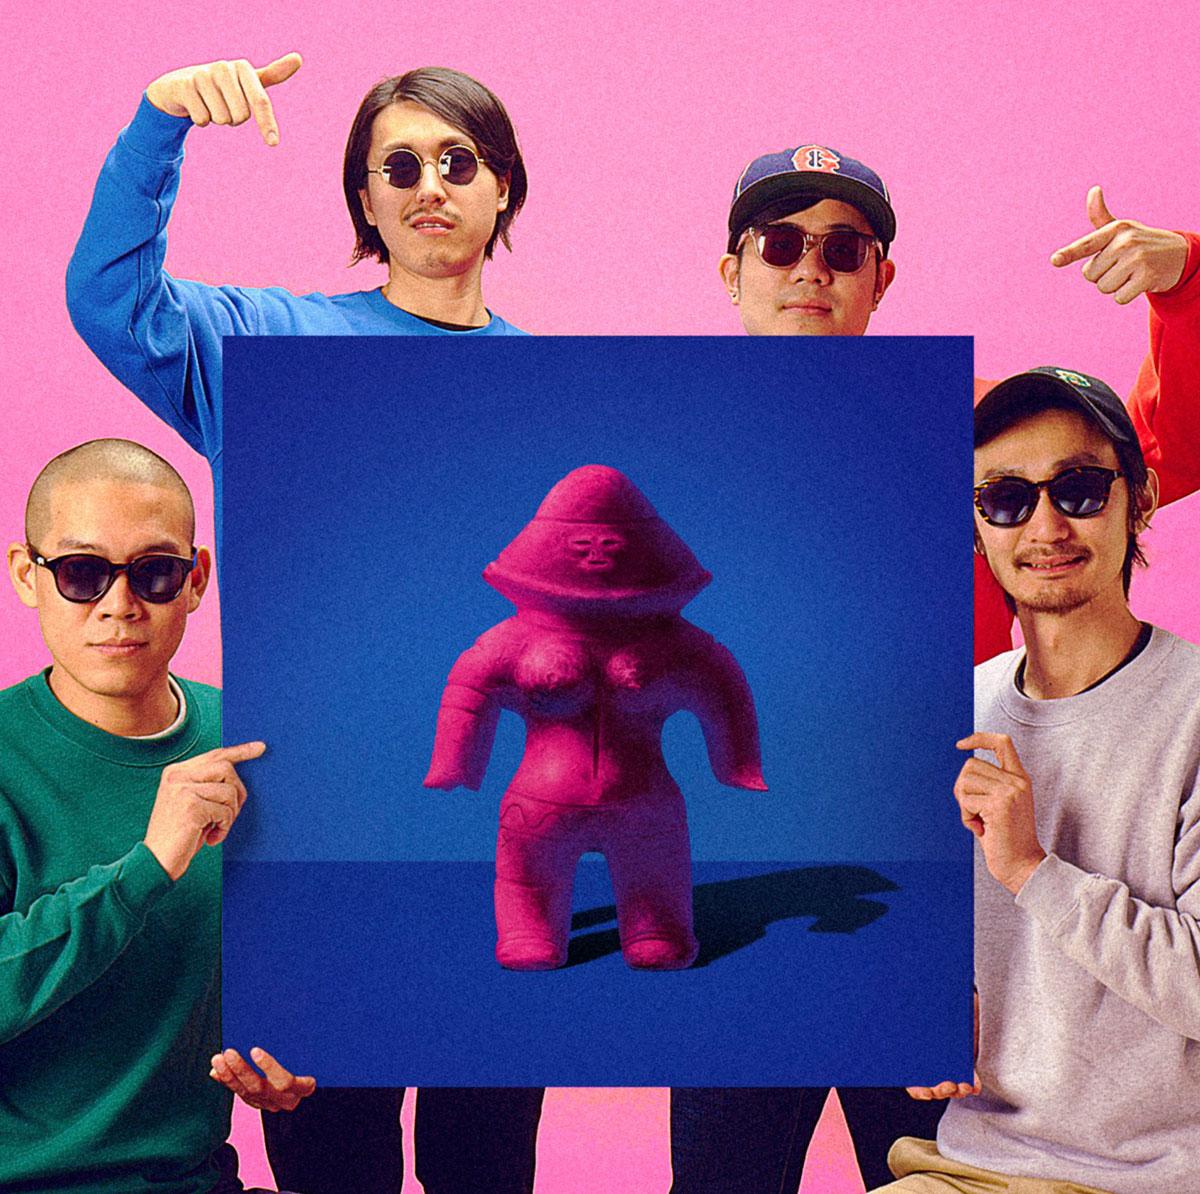 ニュータイプ・ヒップホップクルー・TOKYO HEALTH CLUBの実態に迫る! music160606_thc_2